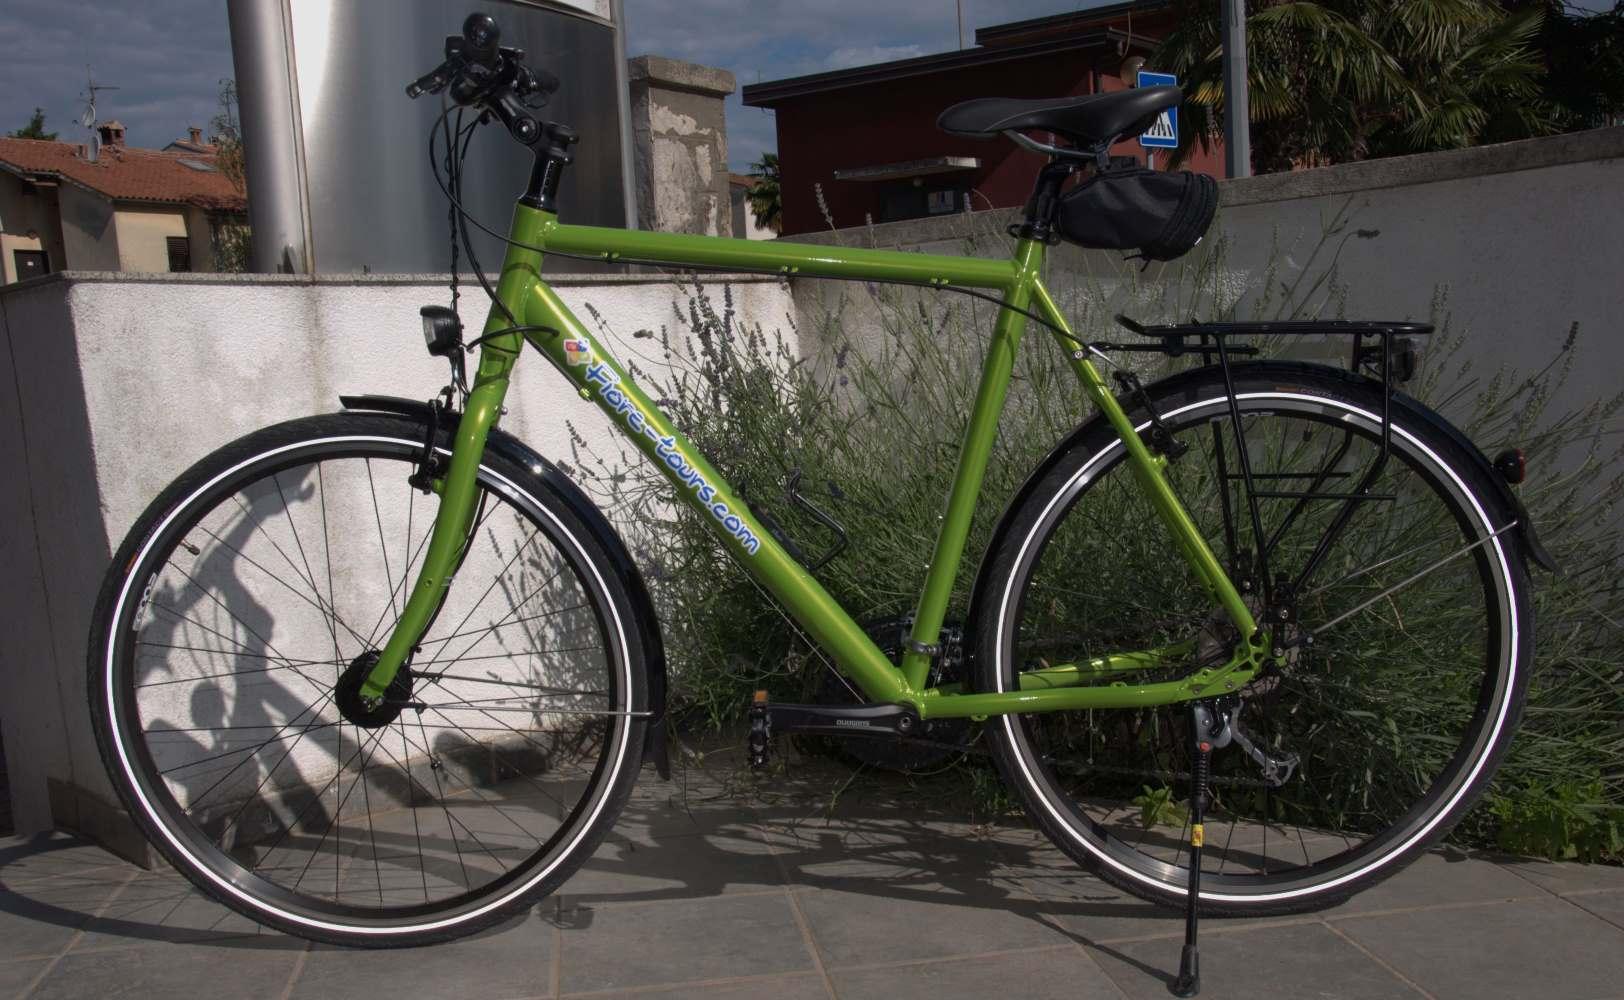 Custom built hybrid trekking bikes